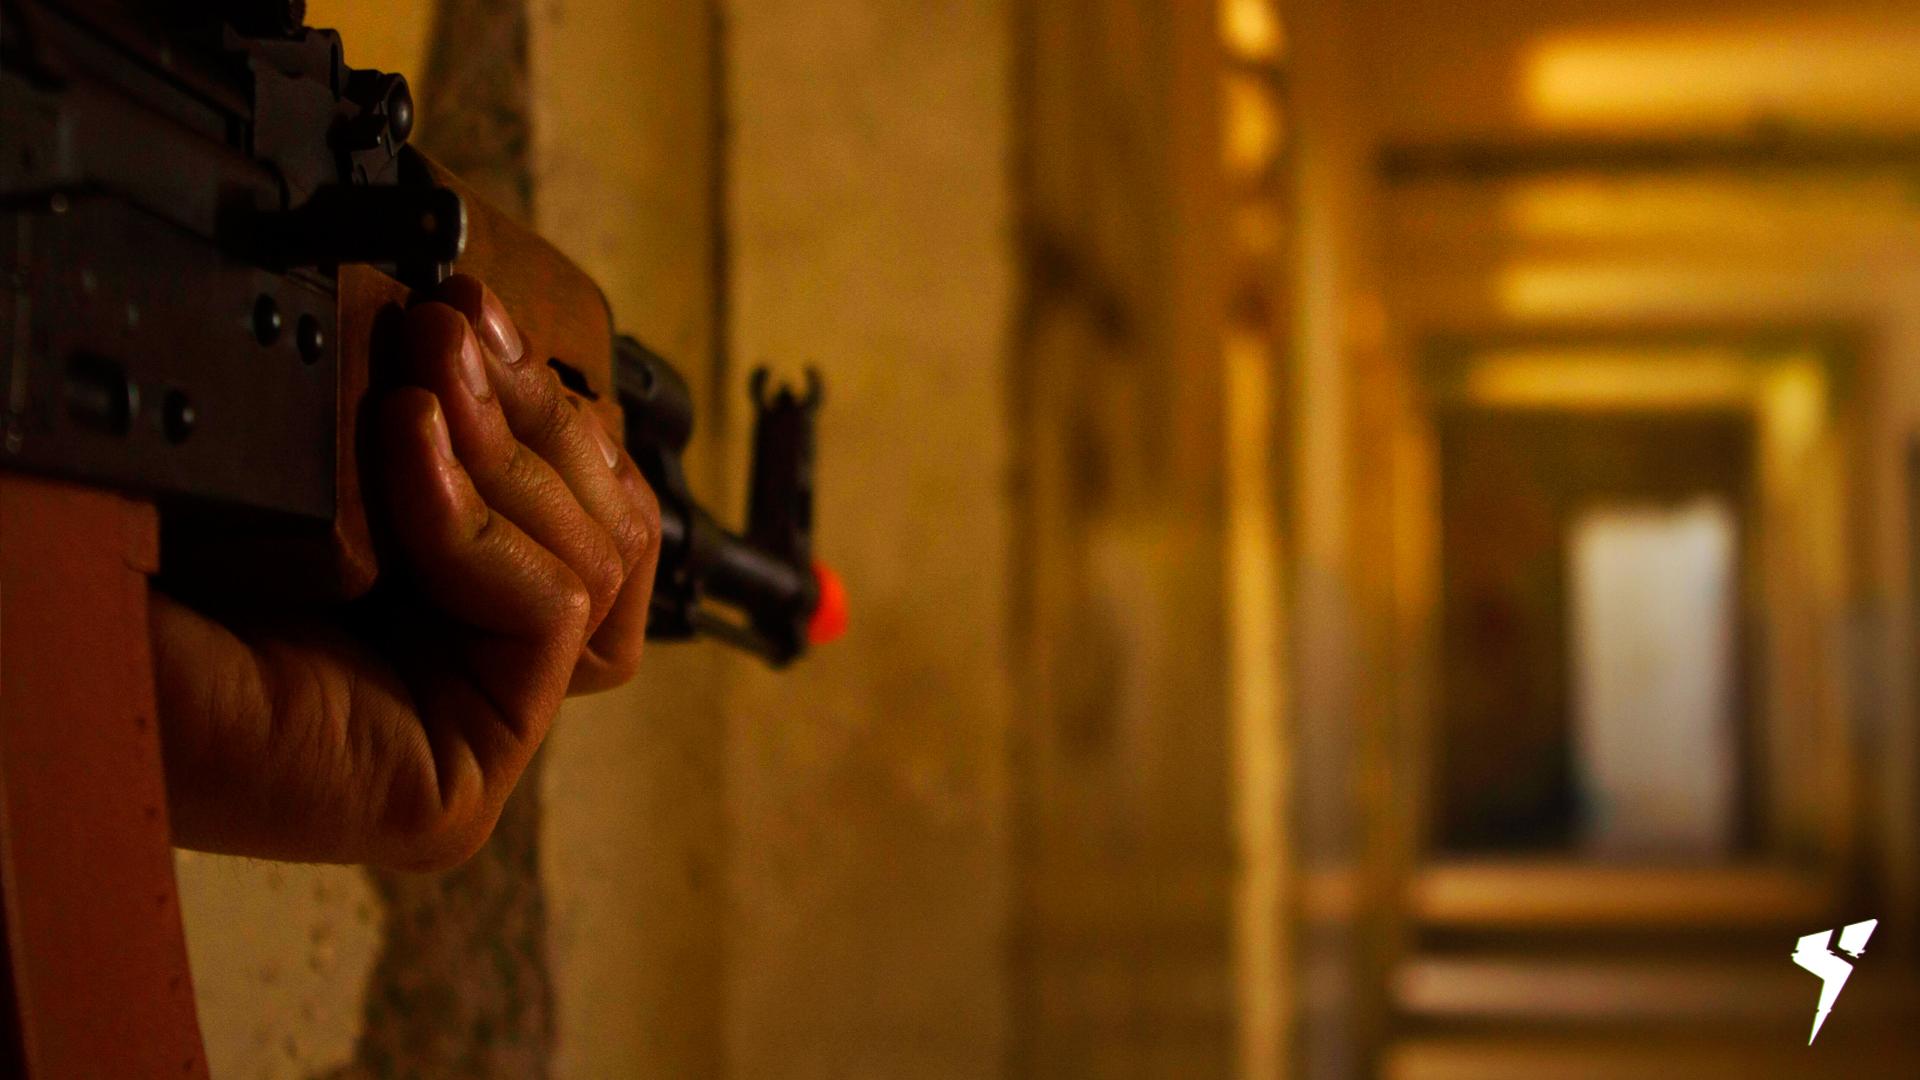 No canto esquerdo uma pessoa está segurando uma AK-47, mirando para o fundo de um corredor. Na imagem aparece apenas uma mão e a arma.